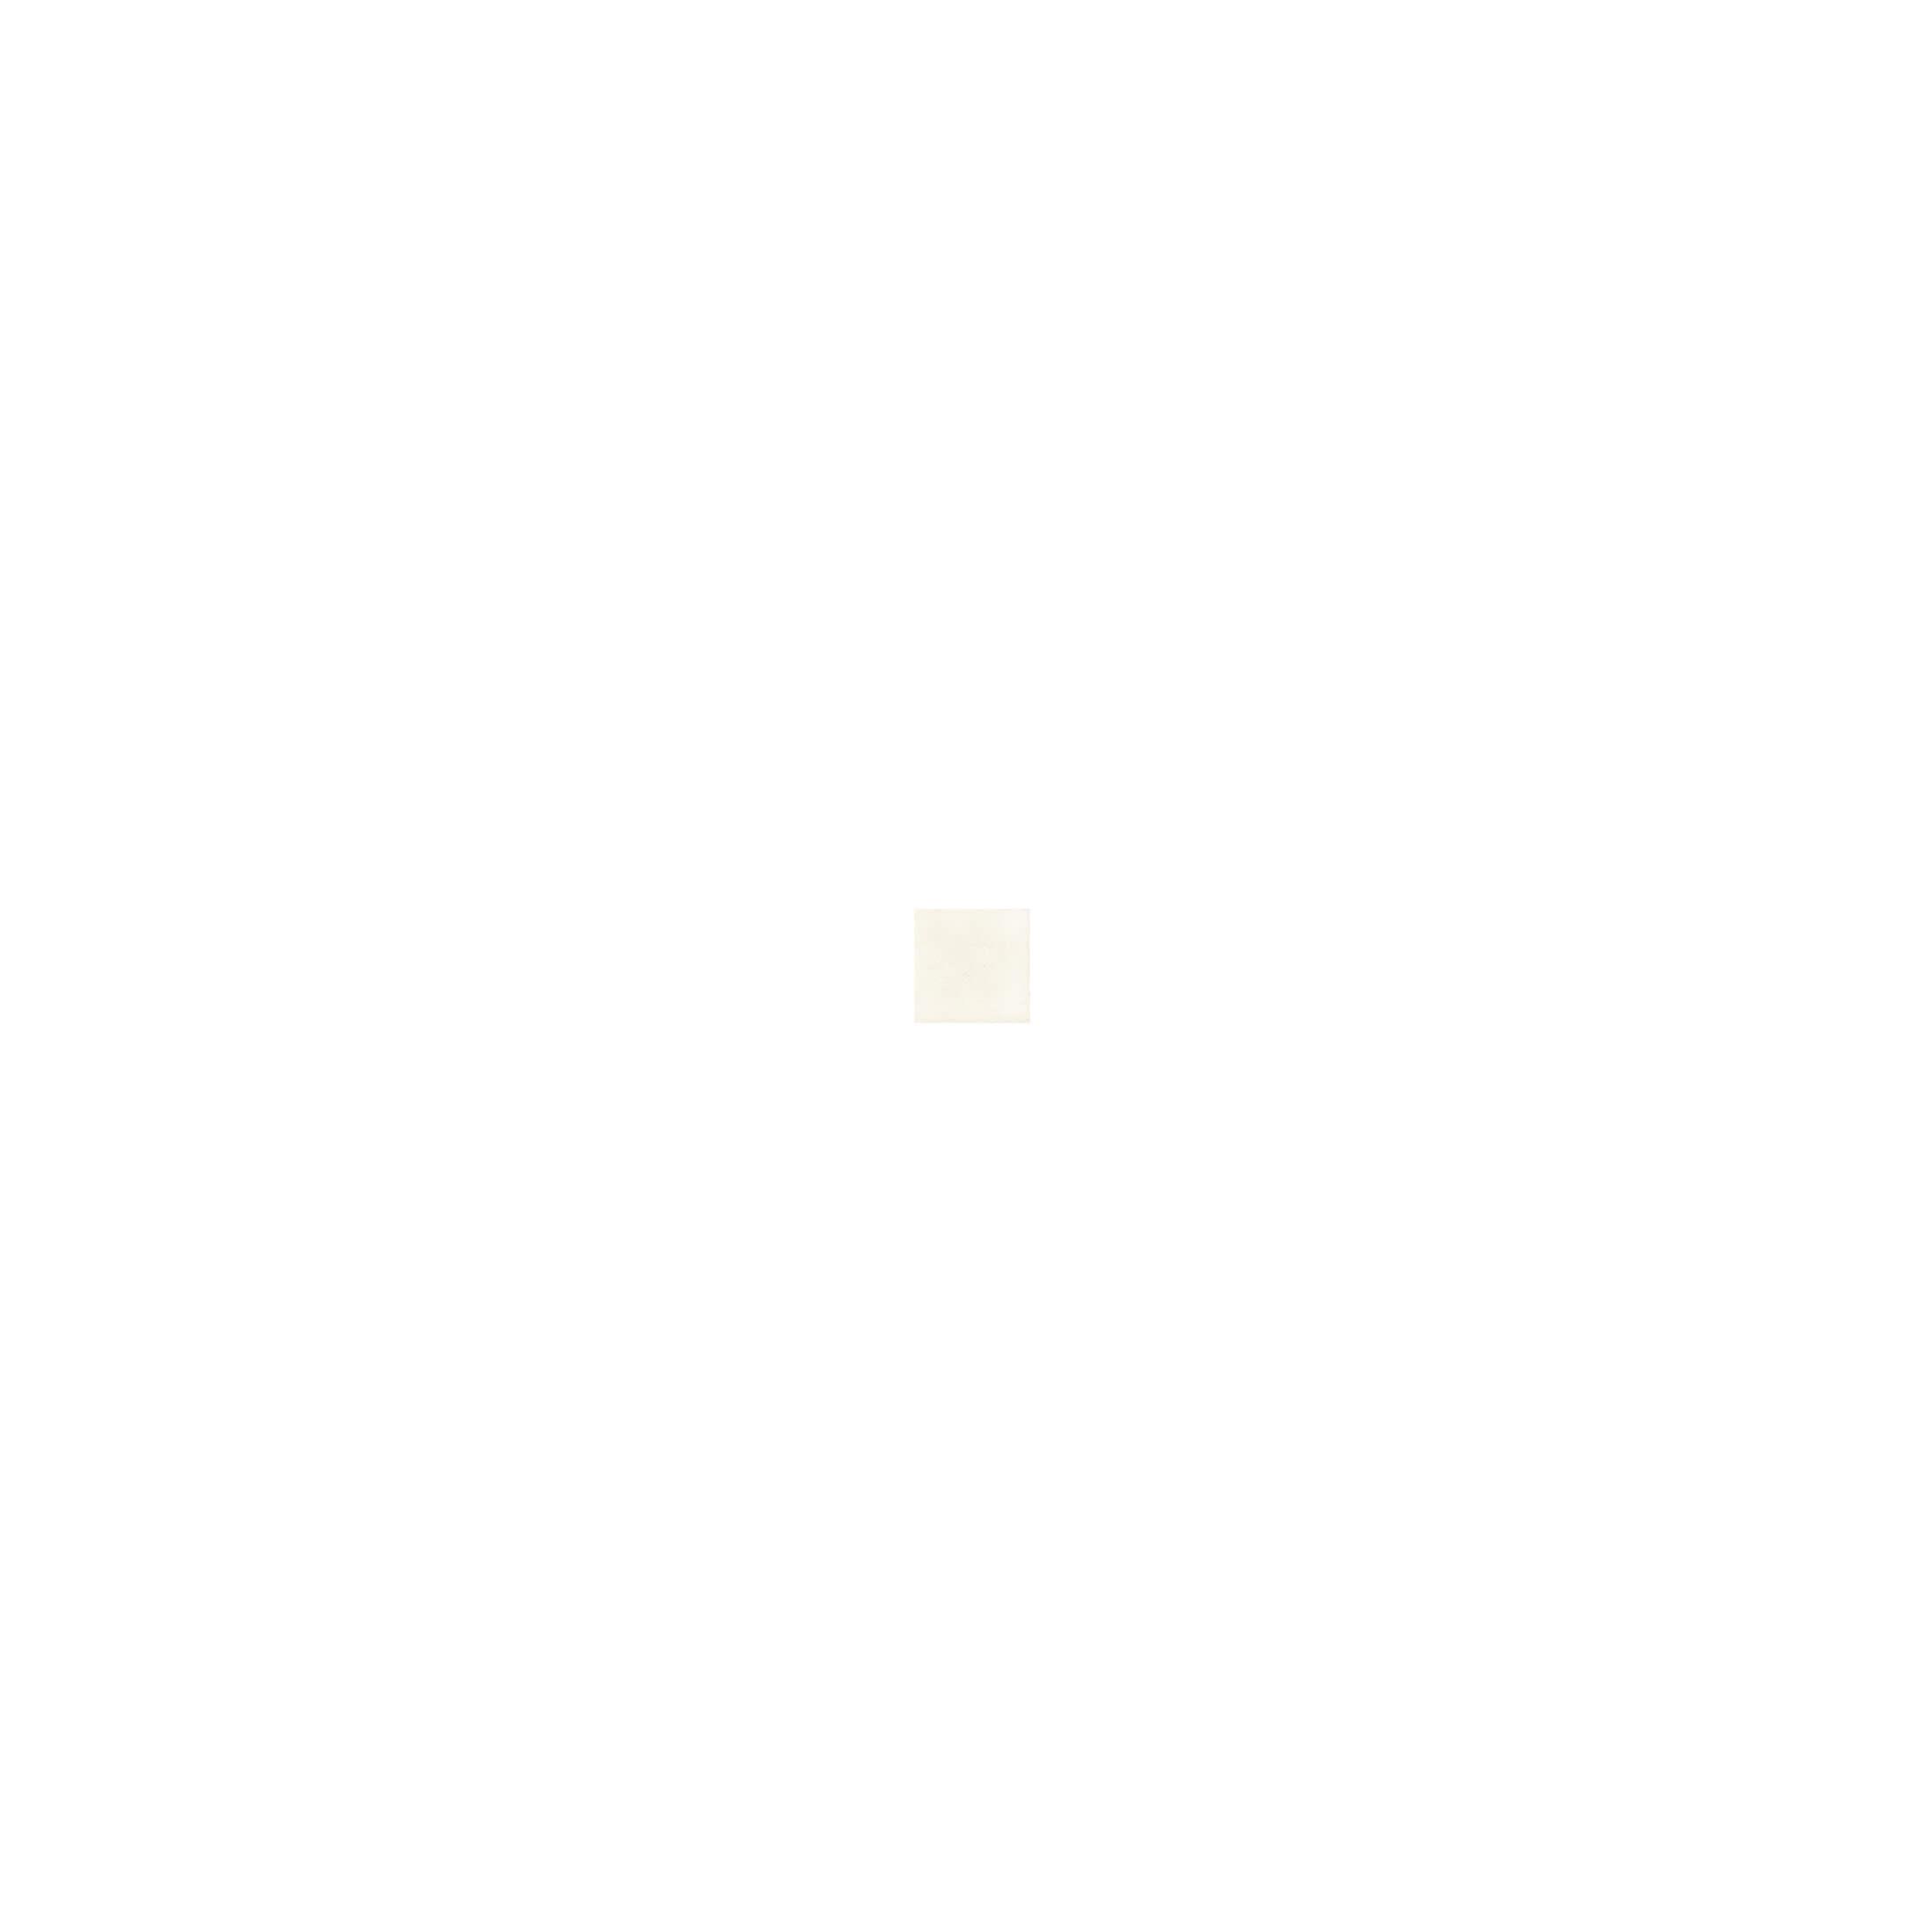 ADNE8027 - TACO BISCUIT - 2 cm X 2 cm